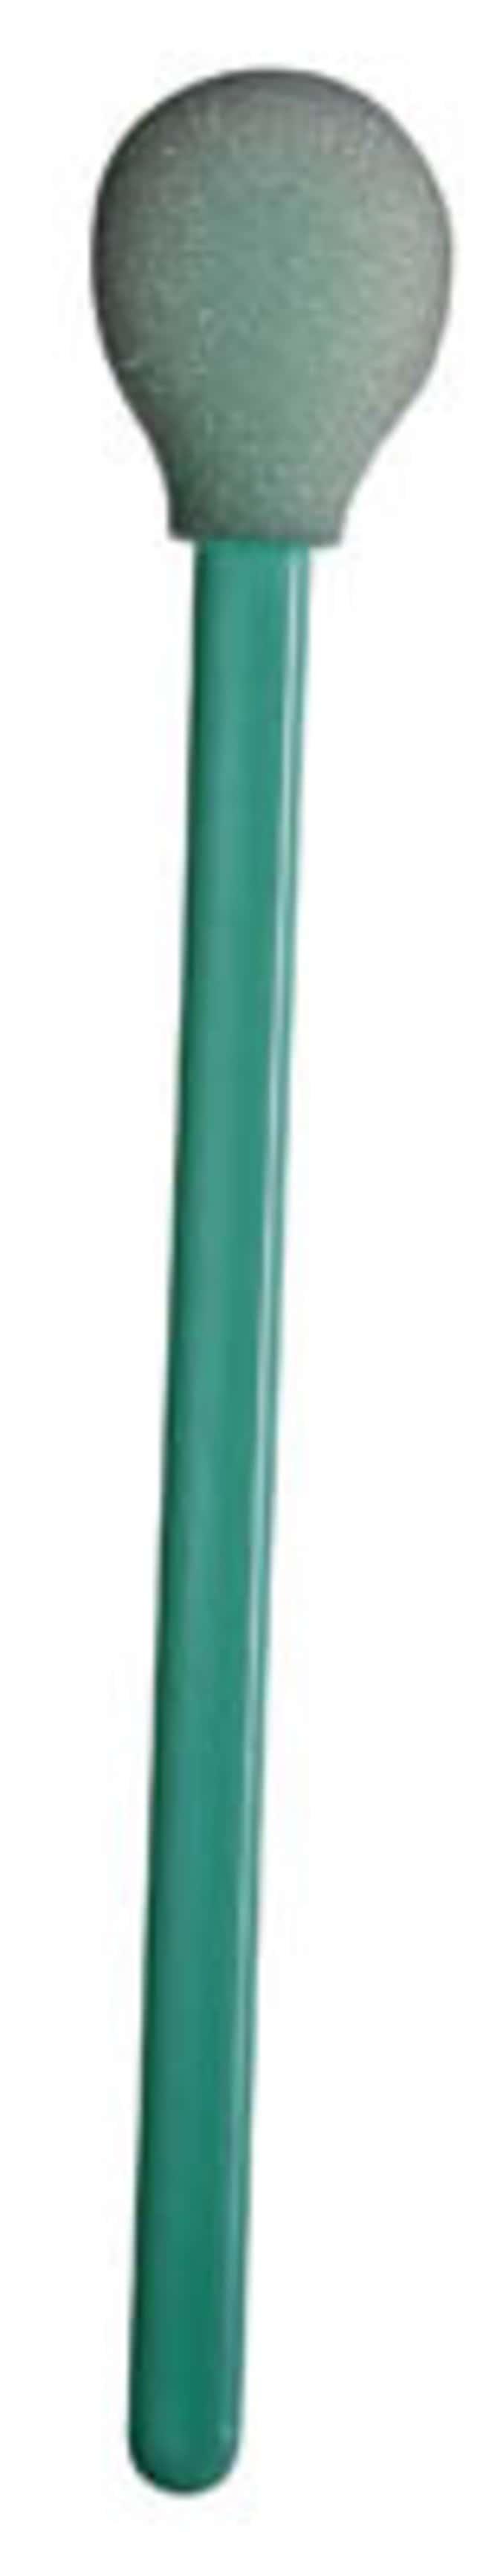 TexwipeCleanTip Swabs: Foam Series Circular head, rigid paddle; Tip Diameter: